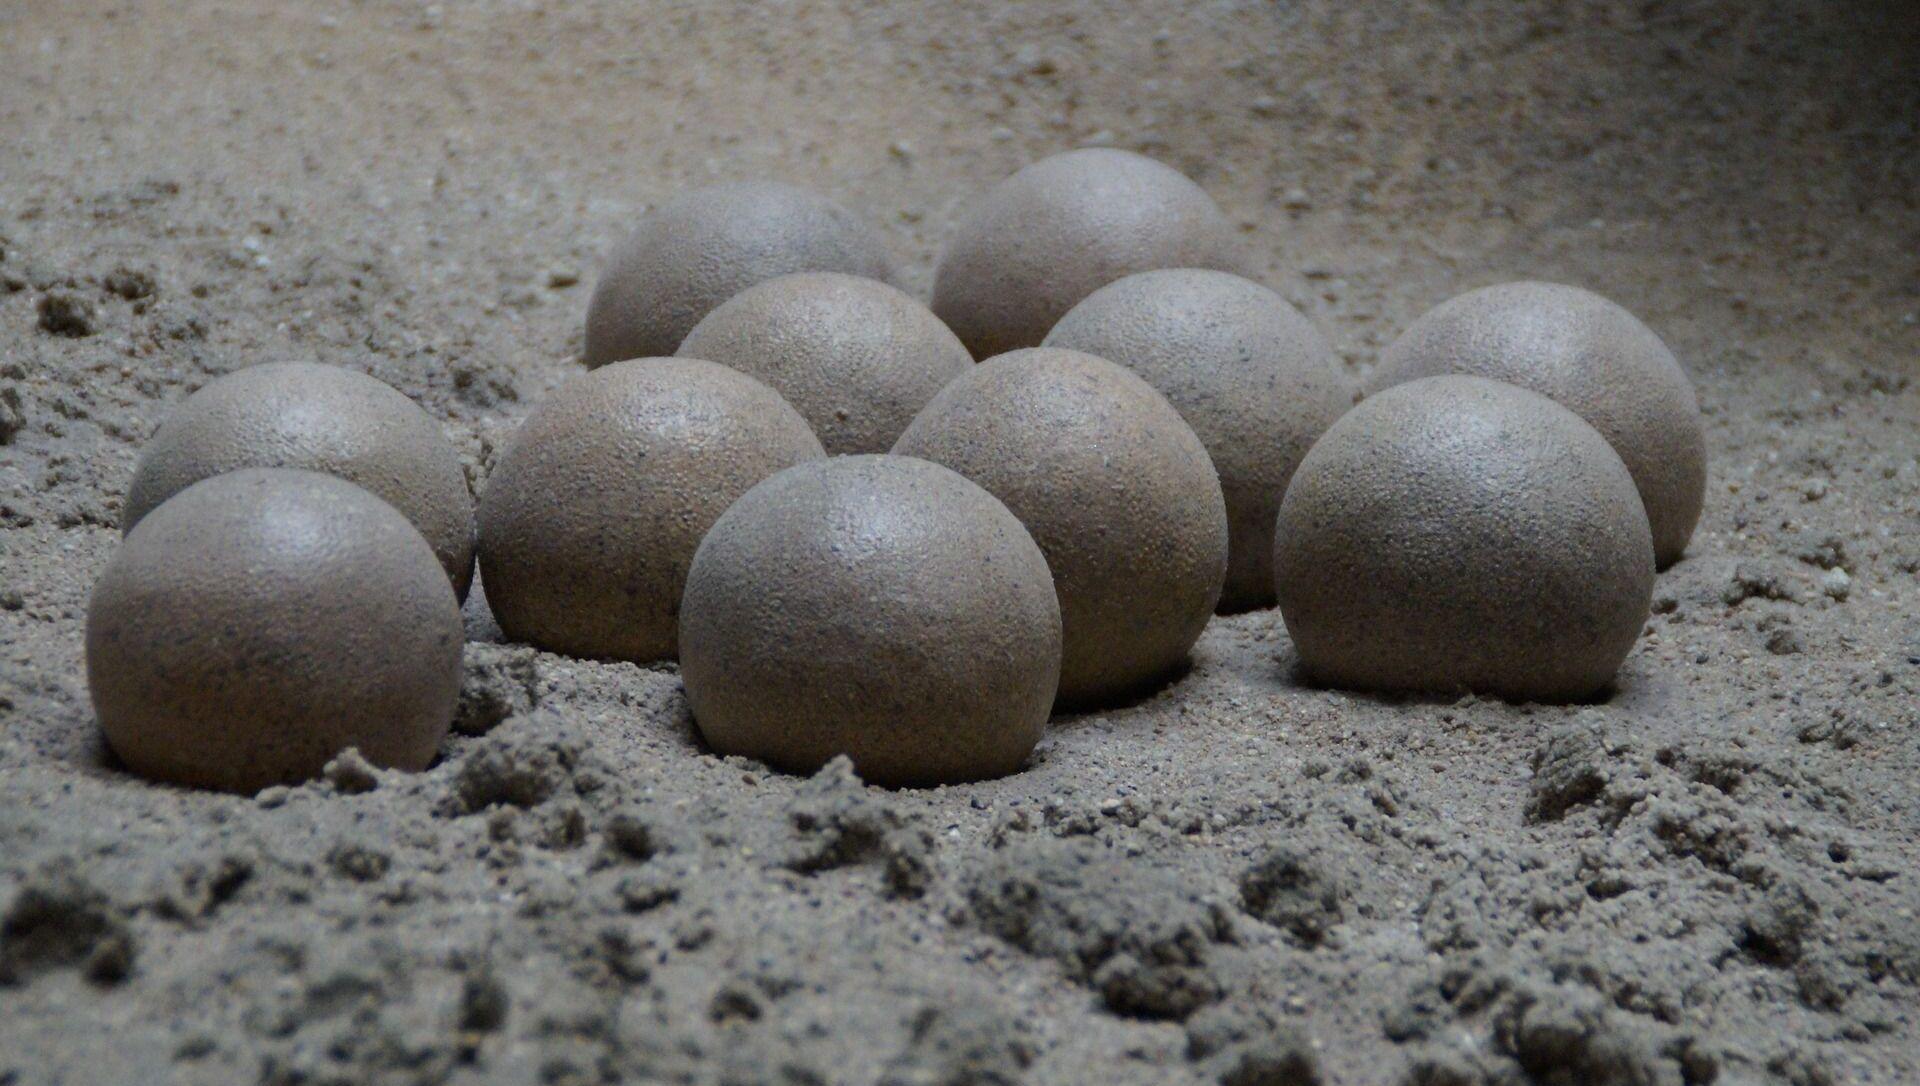 Huevos de dinosaurio (imagen referencial) - Sputnik Mundo, 1920, 12.04.2020